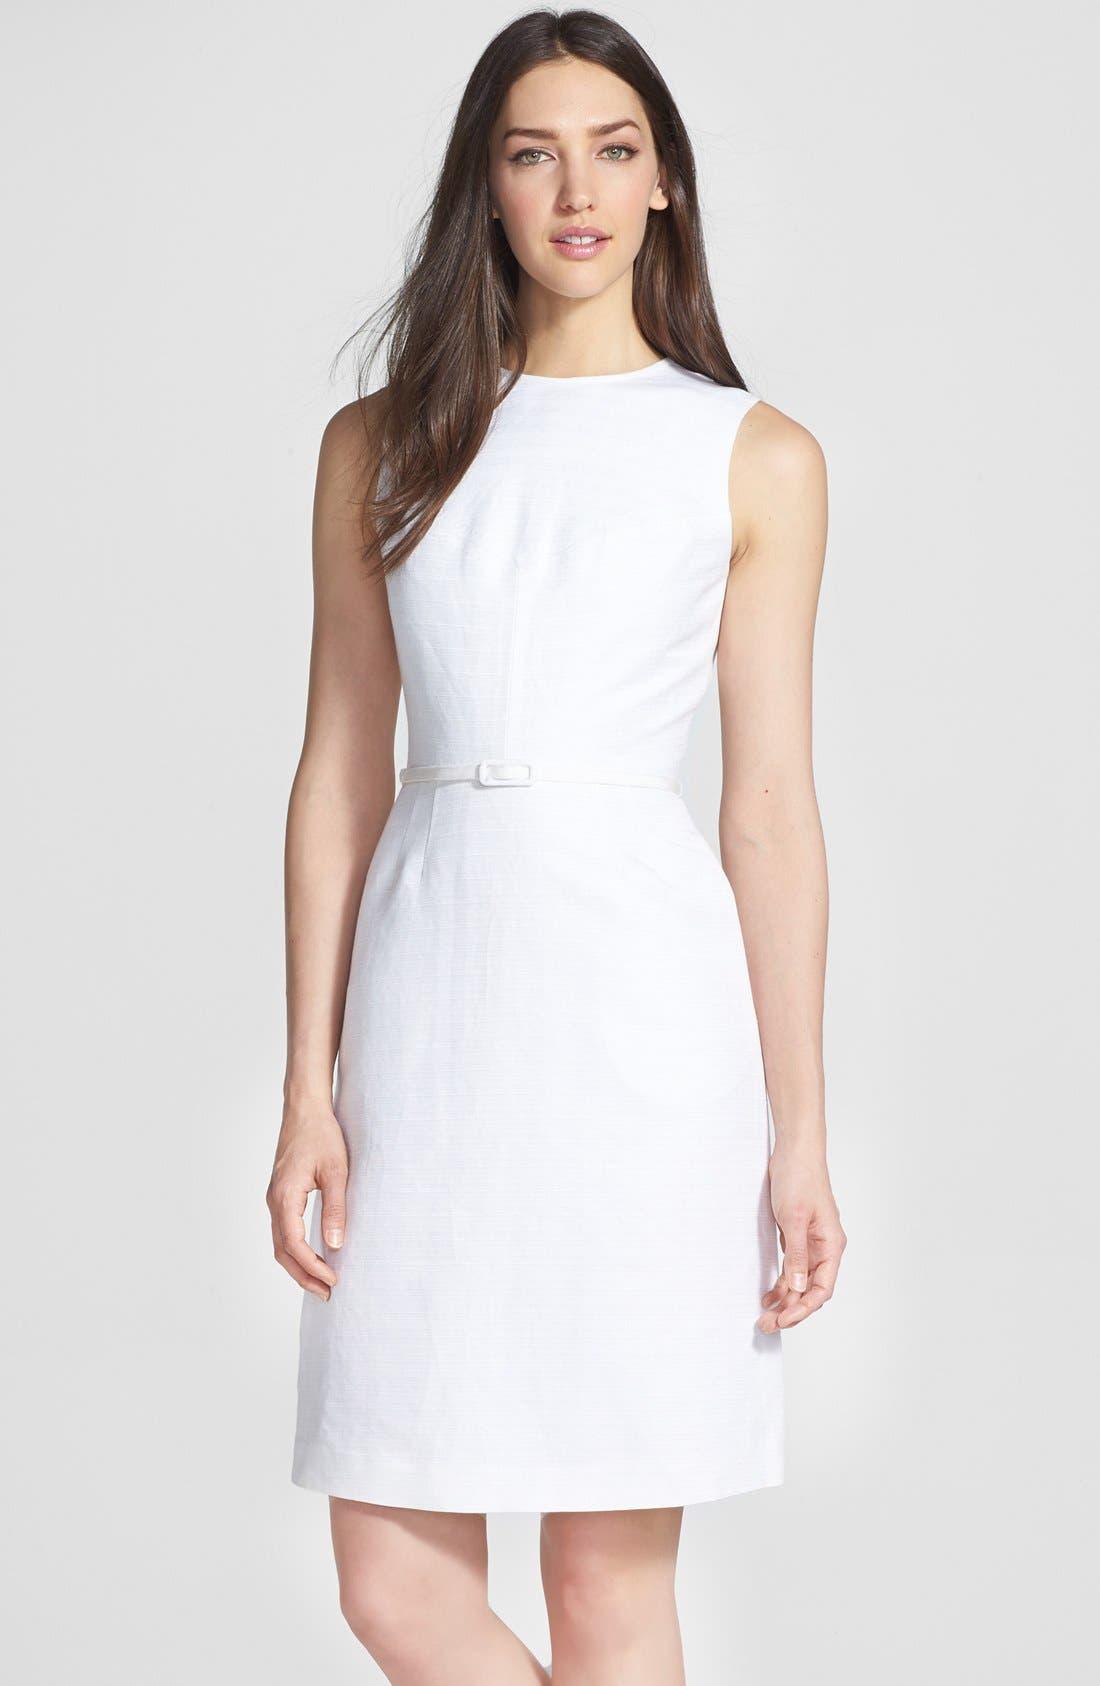 Alternate Image 1 Selected - Tory Burch 'Kimberly' Ottoman Sheath Dress